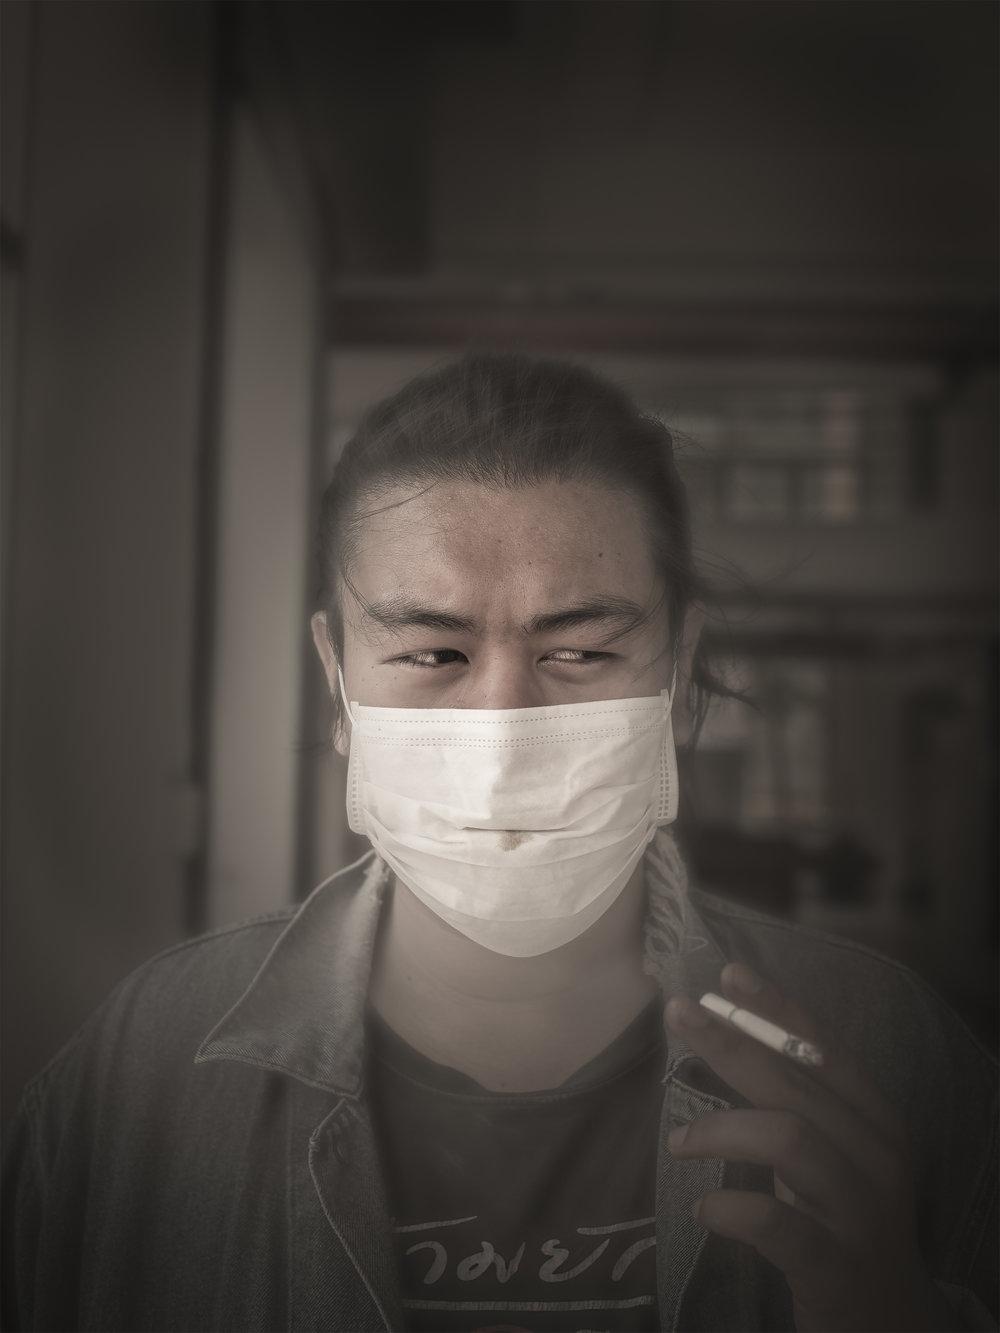 เพียว Pure  21  พะเยา Phayao  หายใจออก Exhale